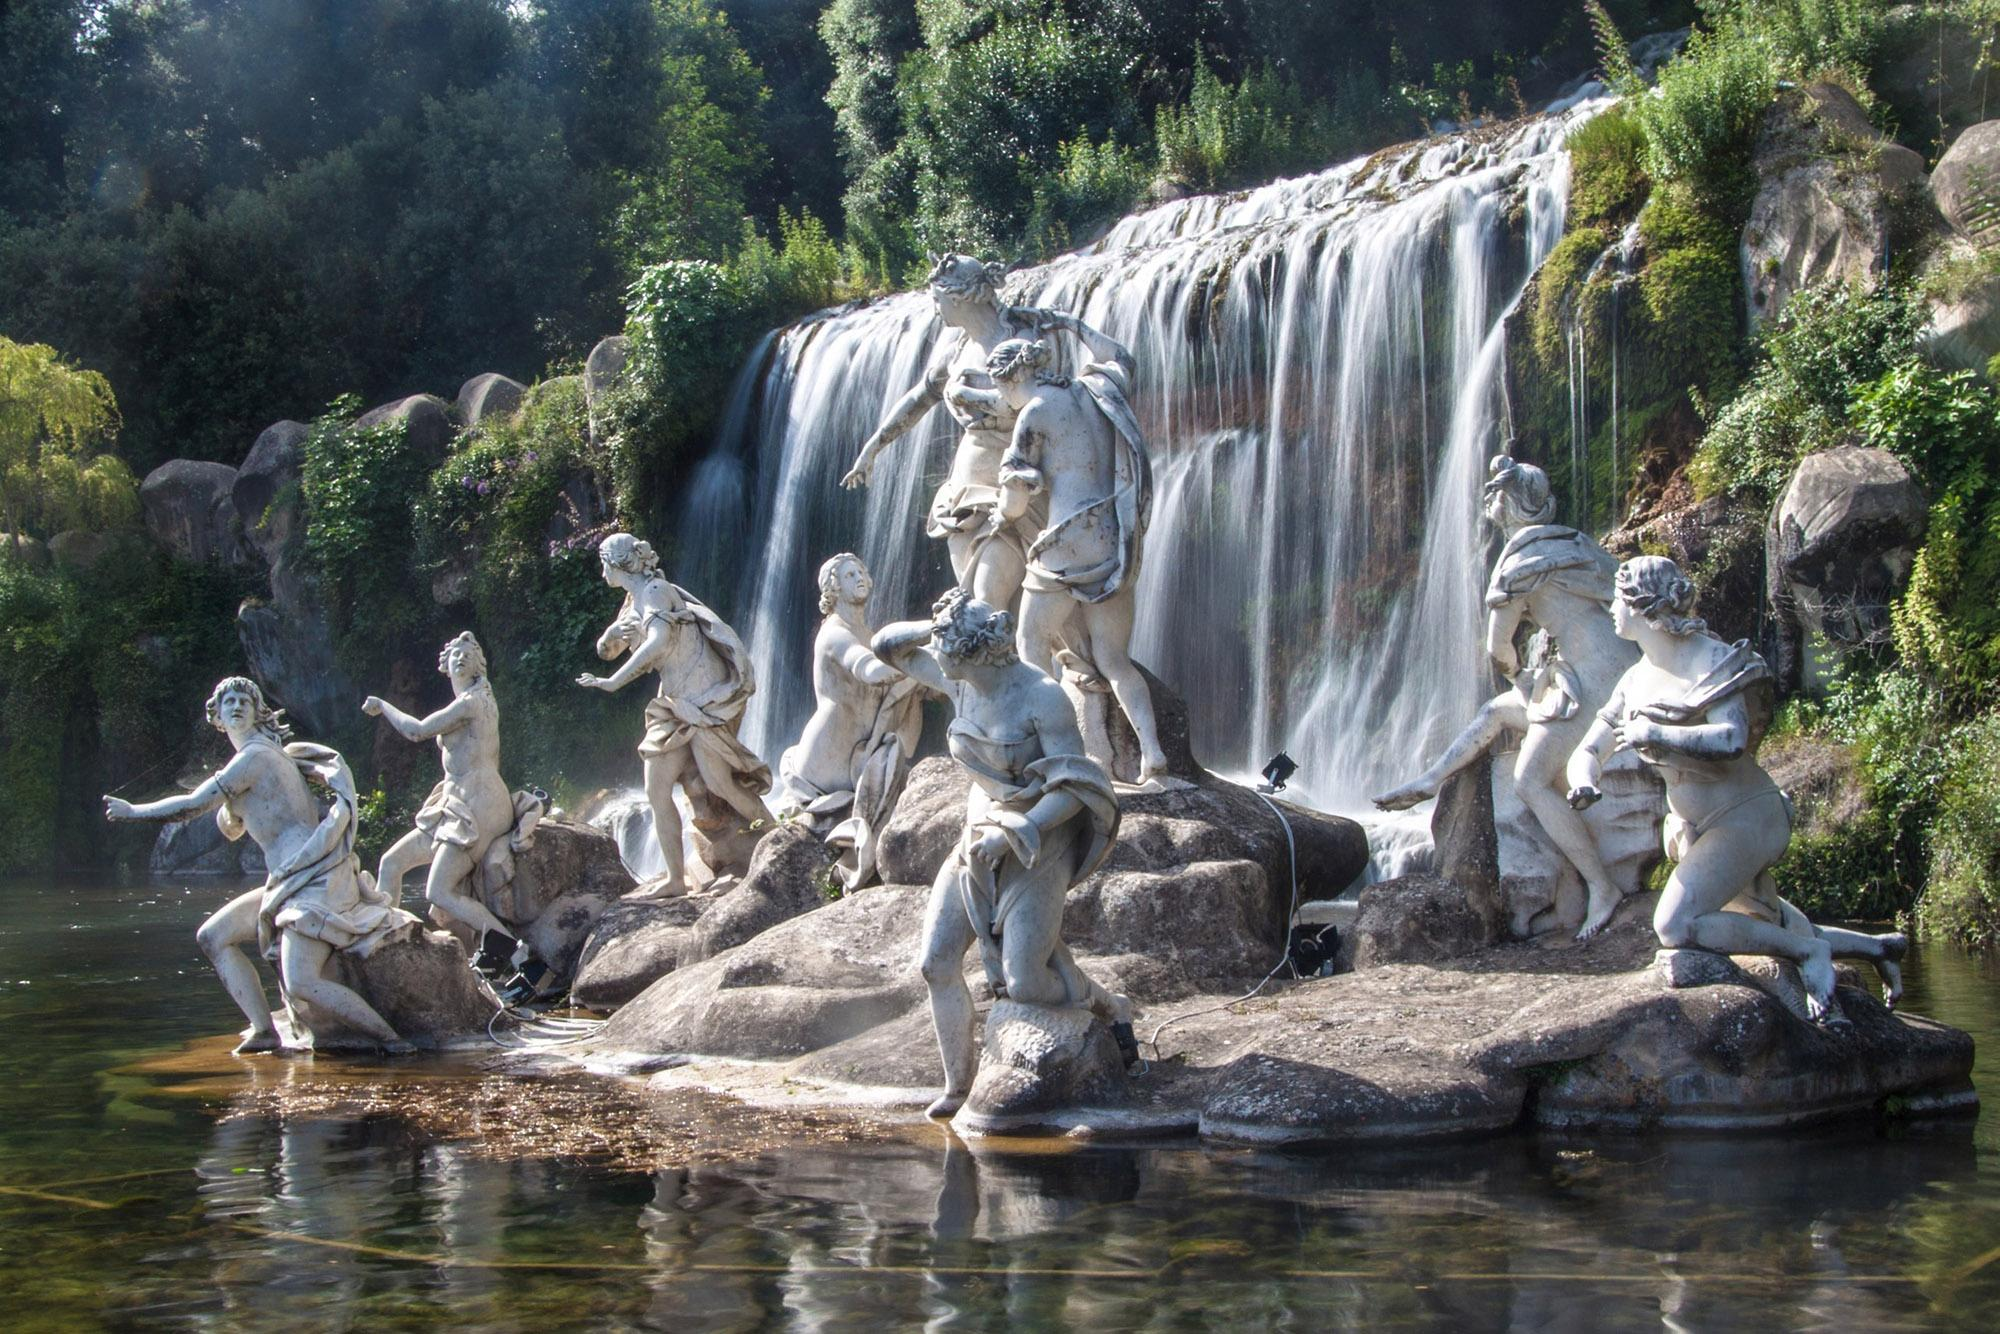 Le parc royal fait partie intégrante du domaine et inclut le jardin, qui s'étend sur 120 hectares et où les visiteurs peuvent voir cette cascade et ce groupe de statue. – © Matyas Rehak / Shutterstock